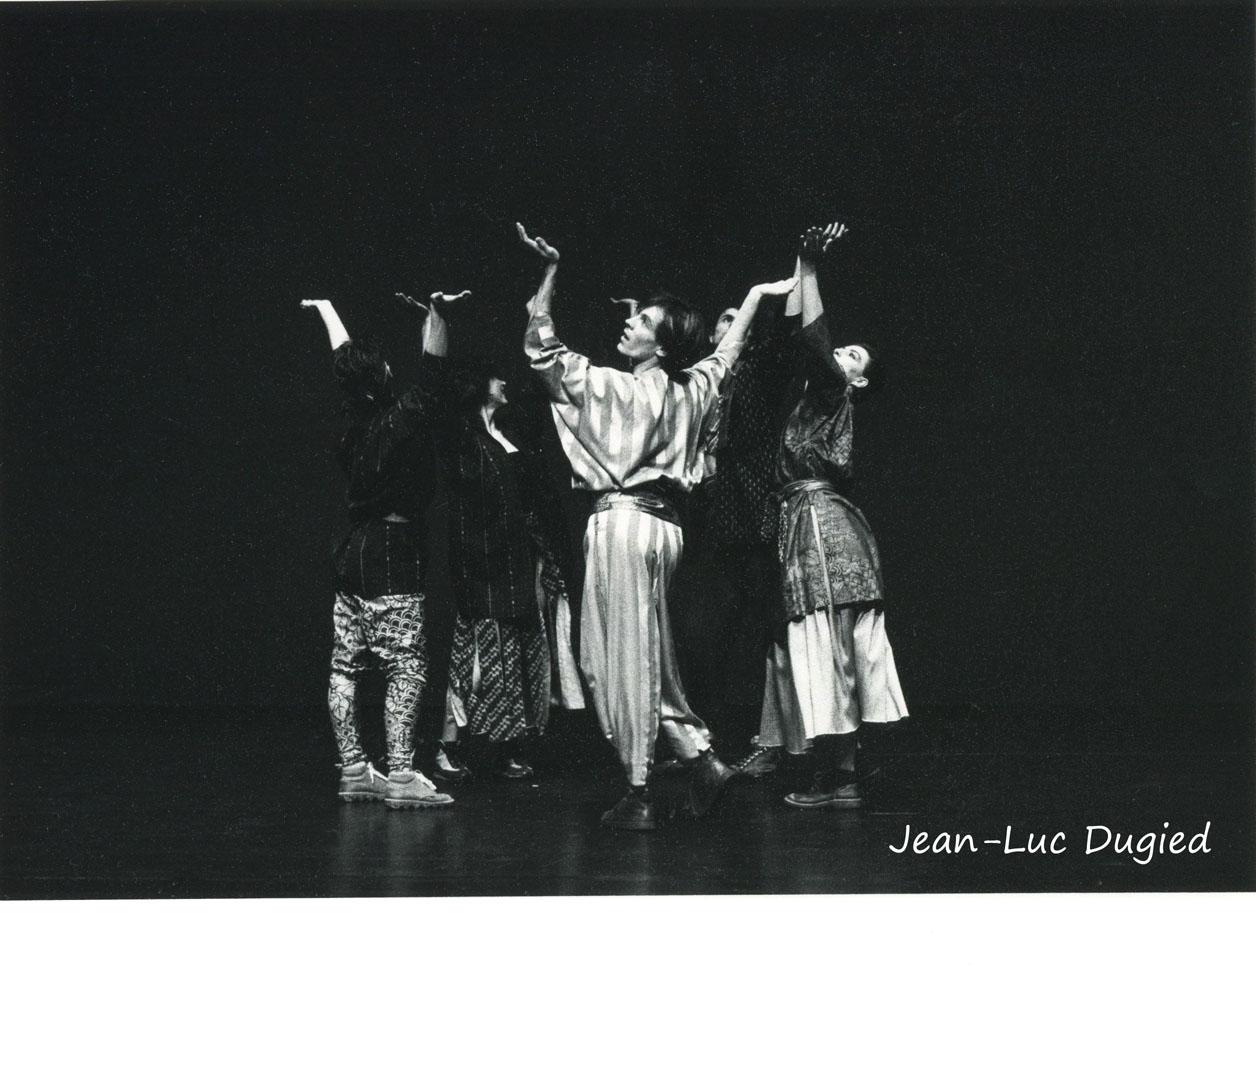 17 Dugied Fabrice - les zonards célestes - 1987